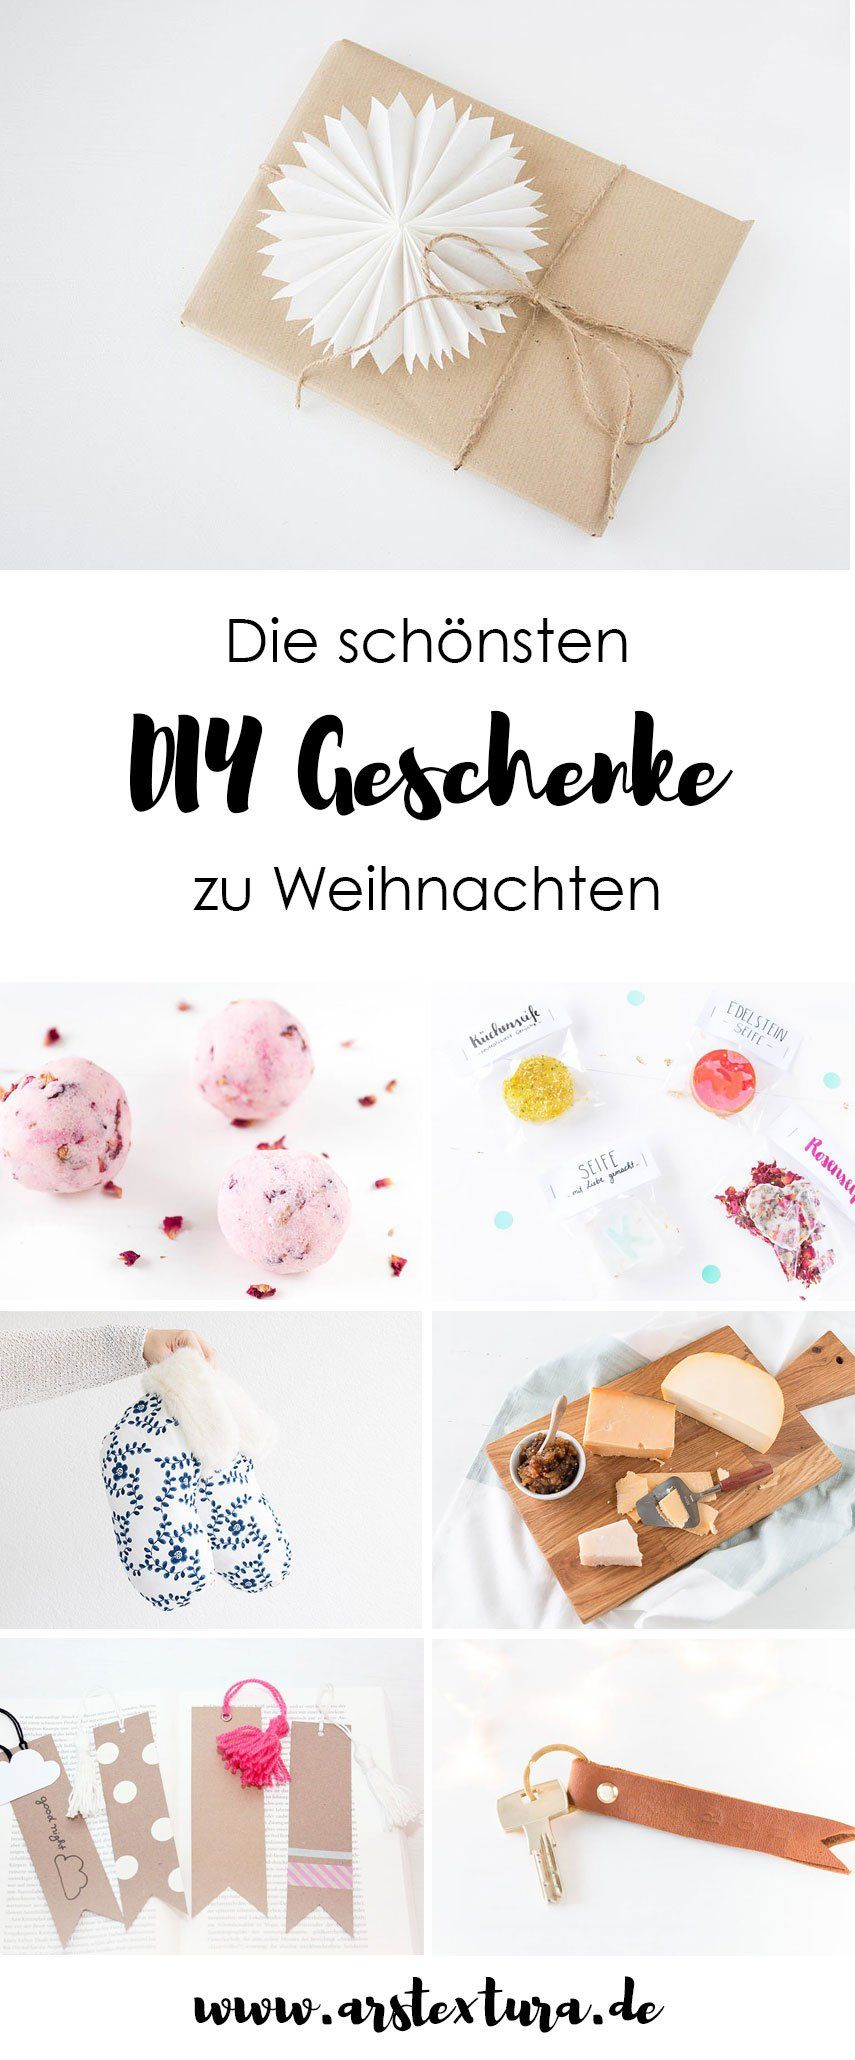 Die schönsten DIY Geschenke | Geschenke zu weihnachten, Badebomben ...